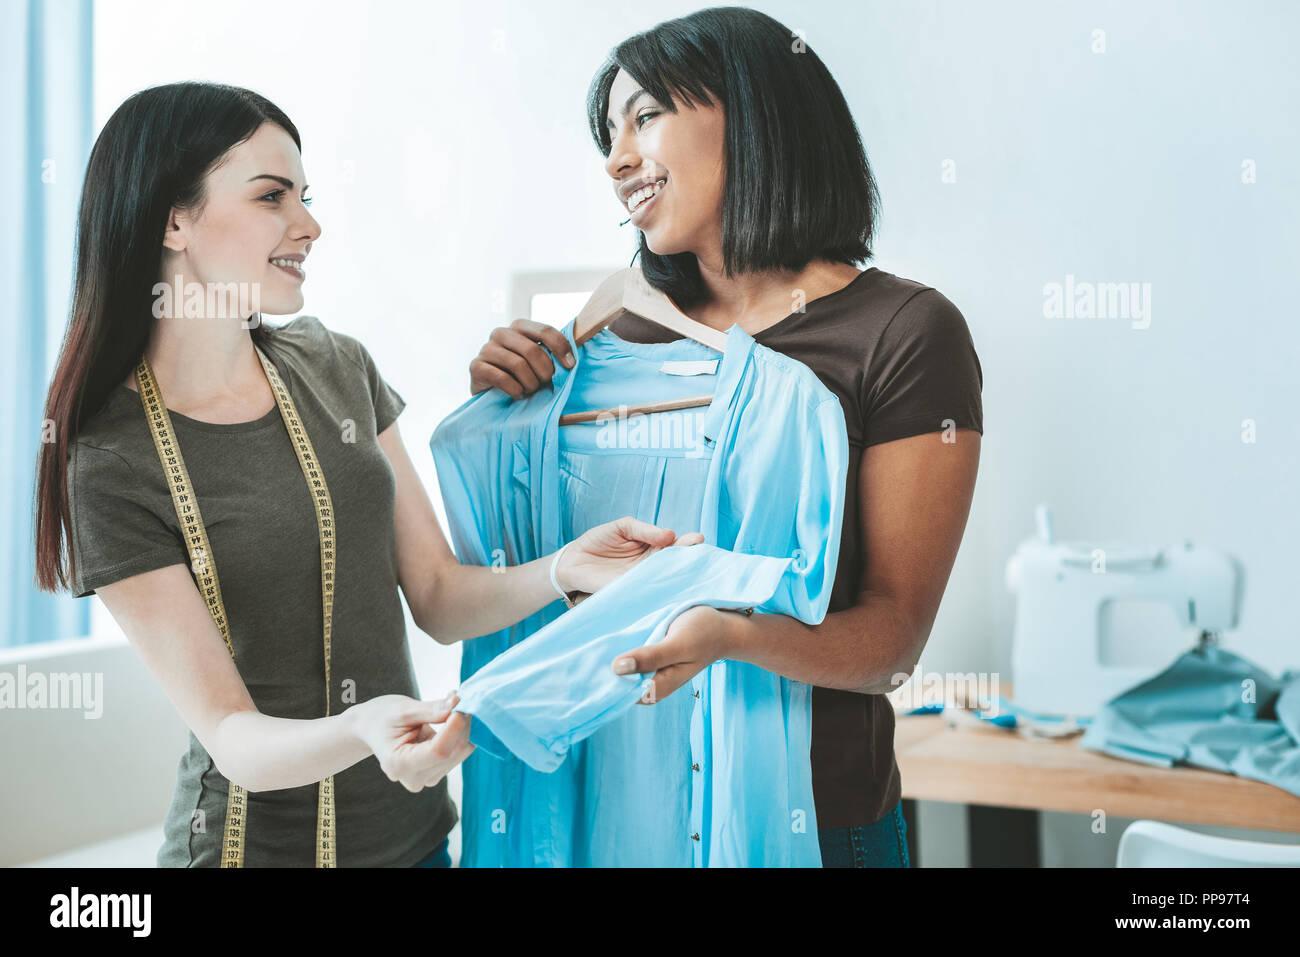 Amazing brunettes having friendly talk - Stock Image